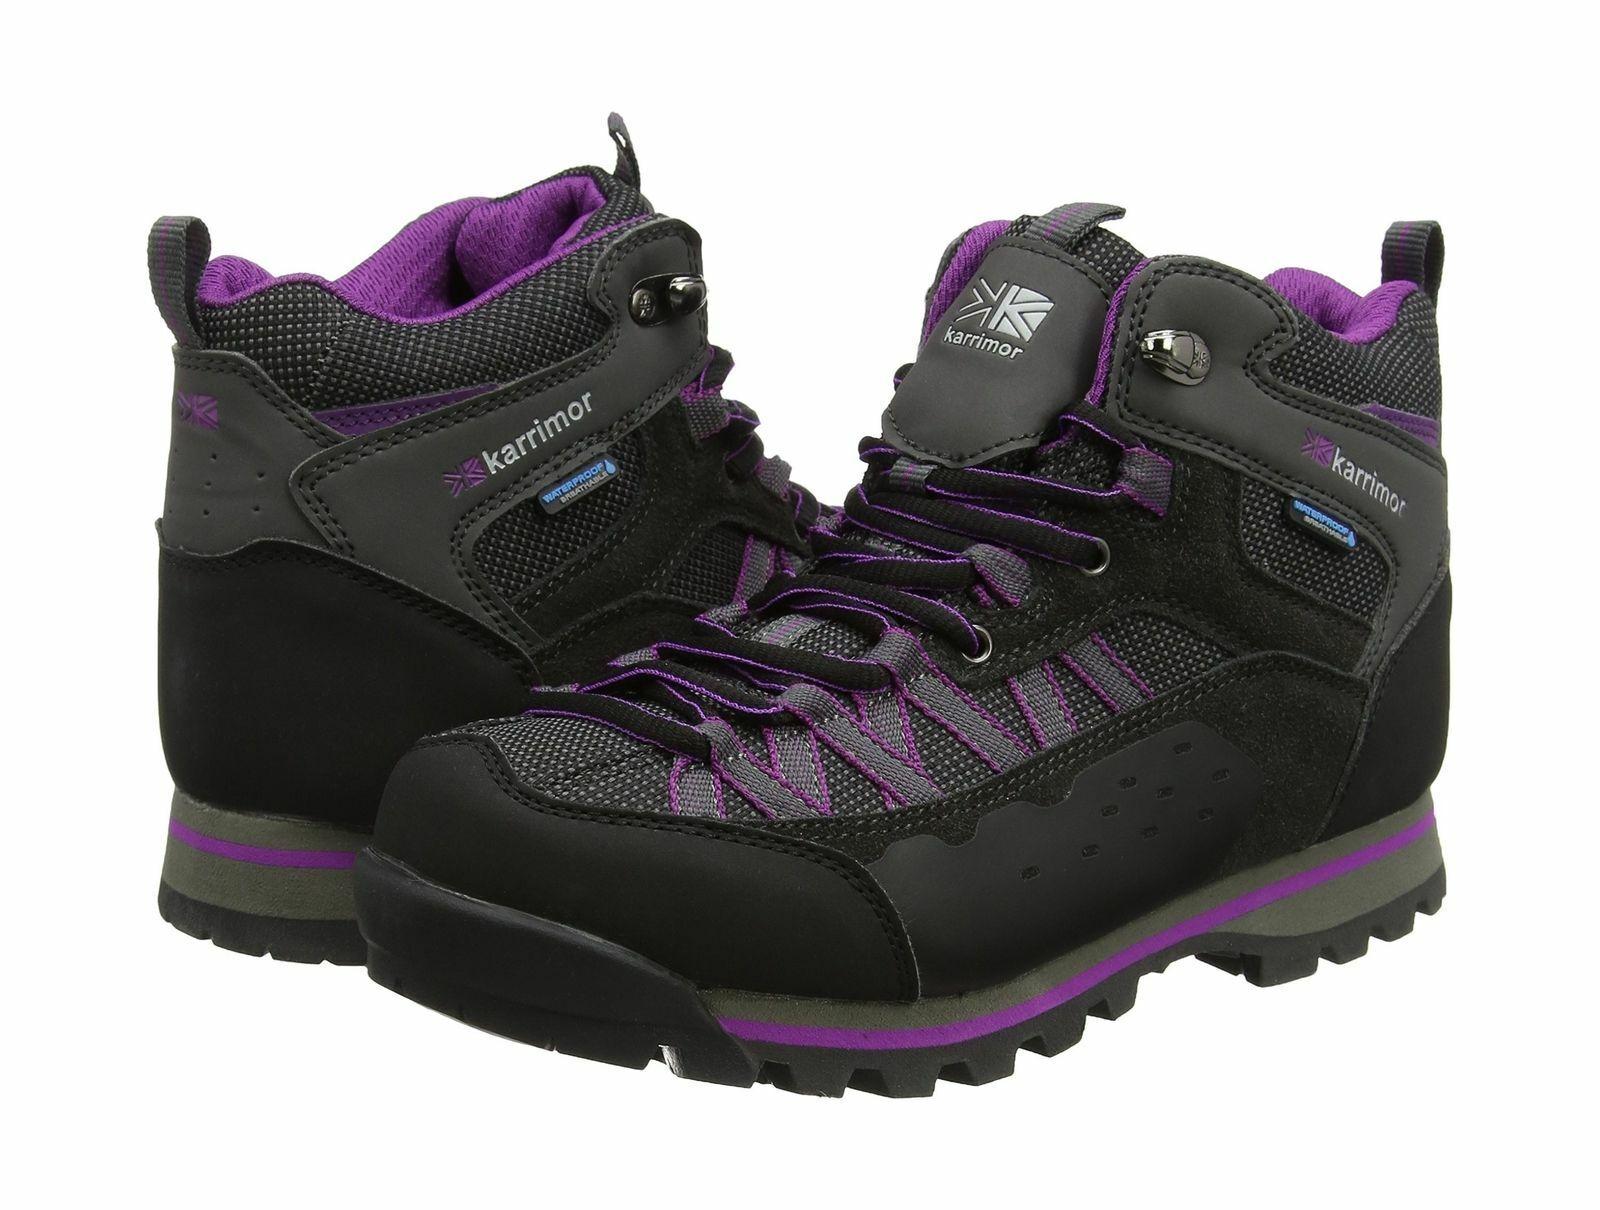 Karrimor pico a mediados de 2 Damas weathertite Negro Púrpura Talla nos 5